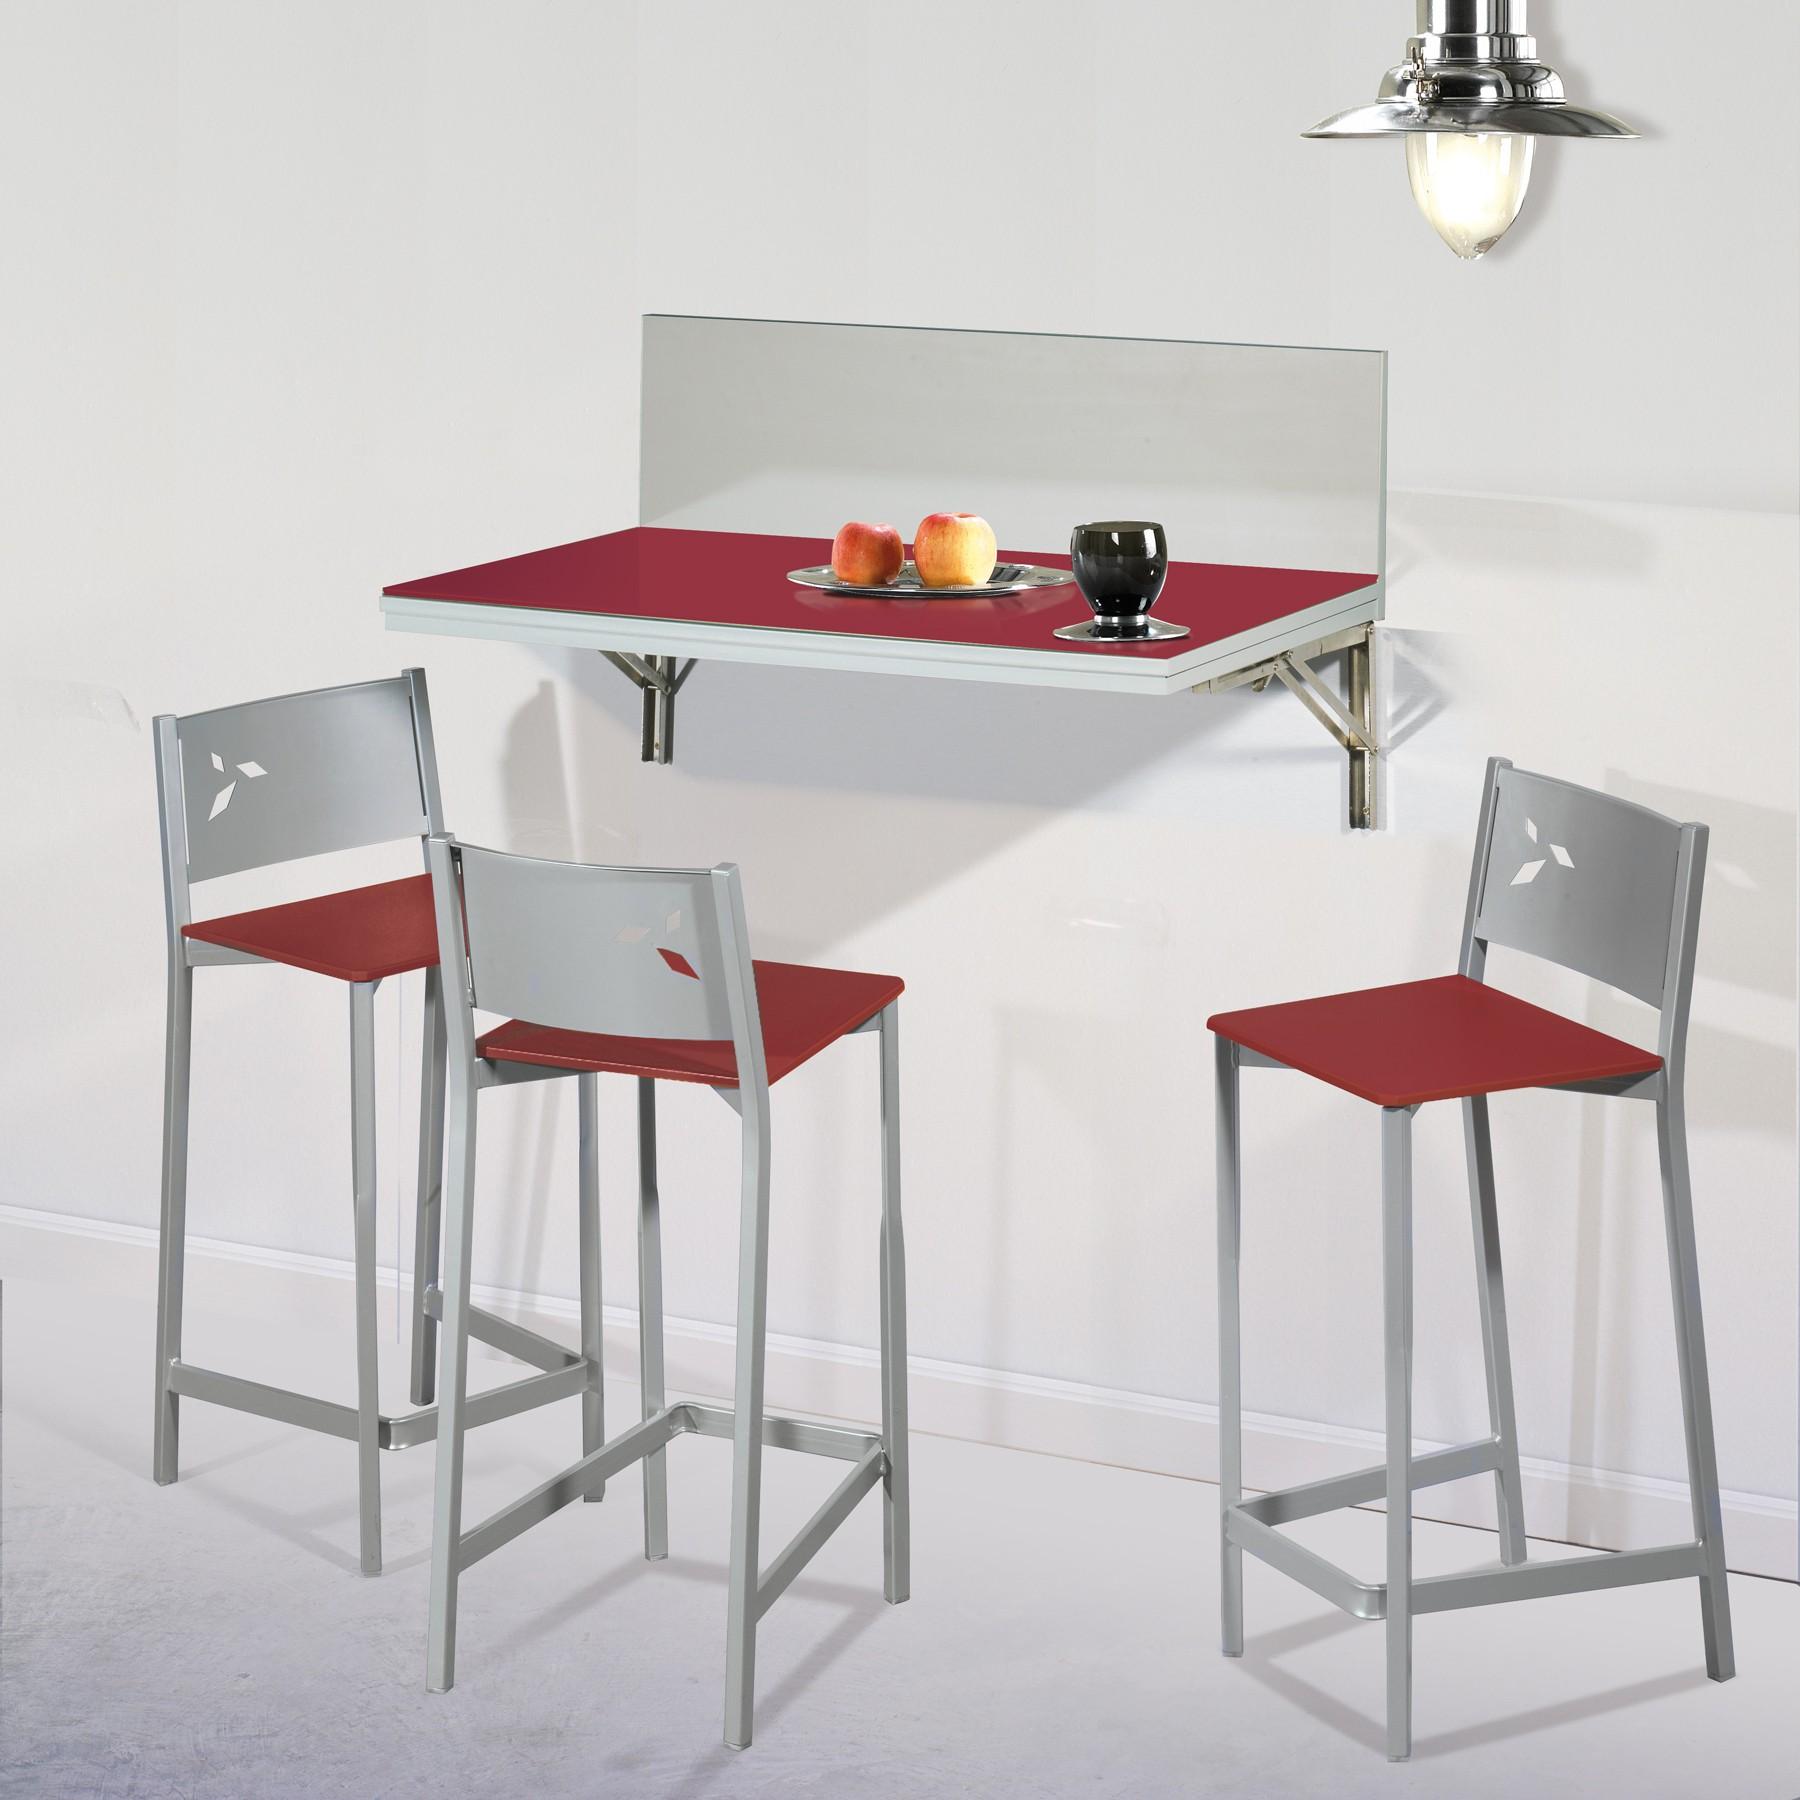 Pack ahorro en mesa de cocina de pared con dos taburetes - Taburetes para barra de cocina ...